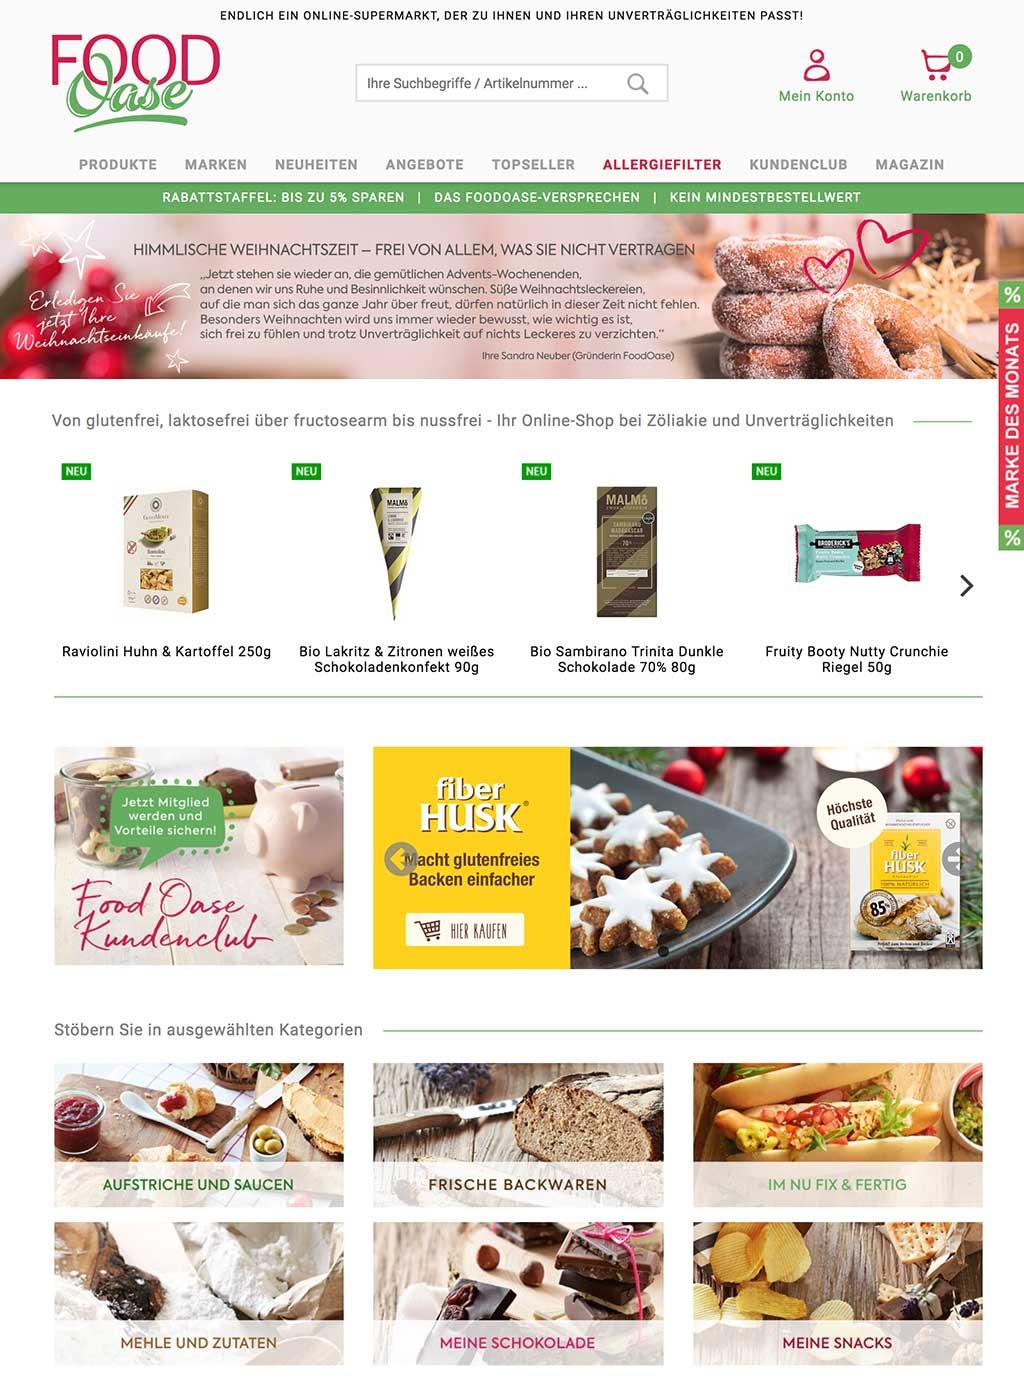 Startseite des FoodOase Online-Shop